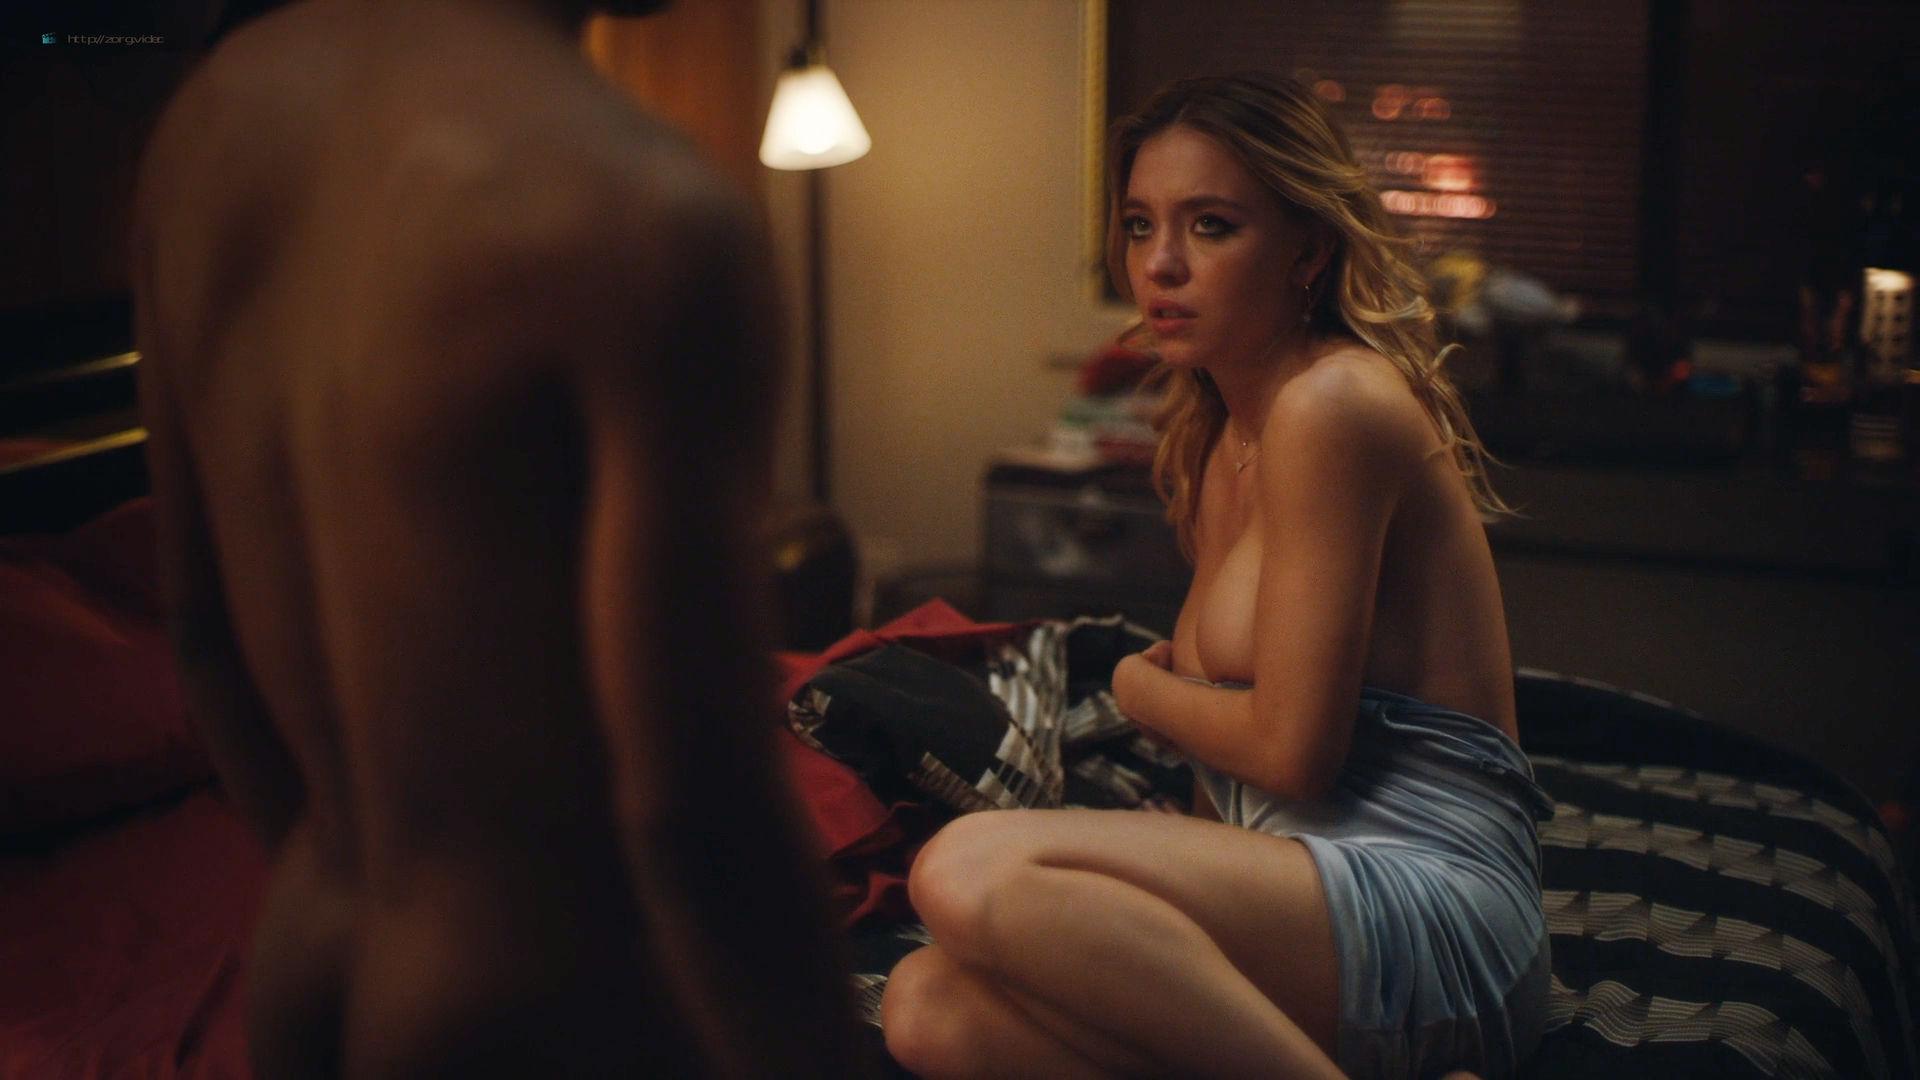 Sydney Sweeney nude sex Alexa Demie topless - Euphoria (2019) HD1080p (15)